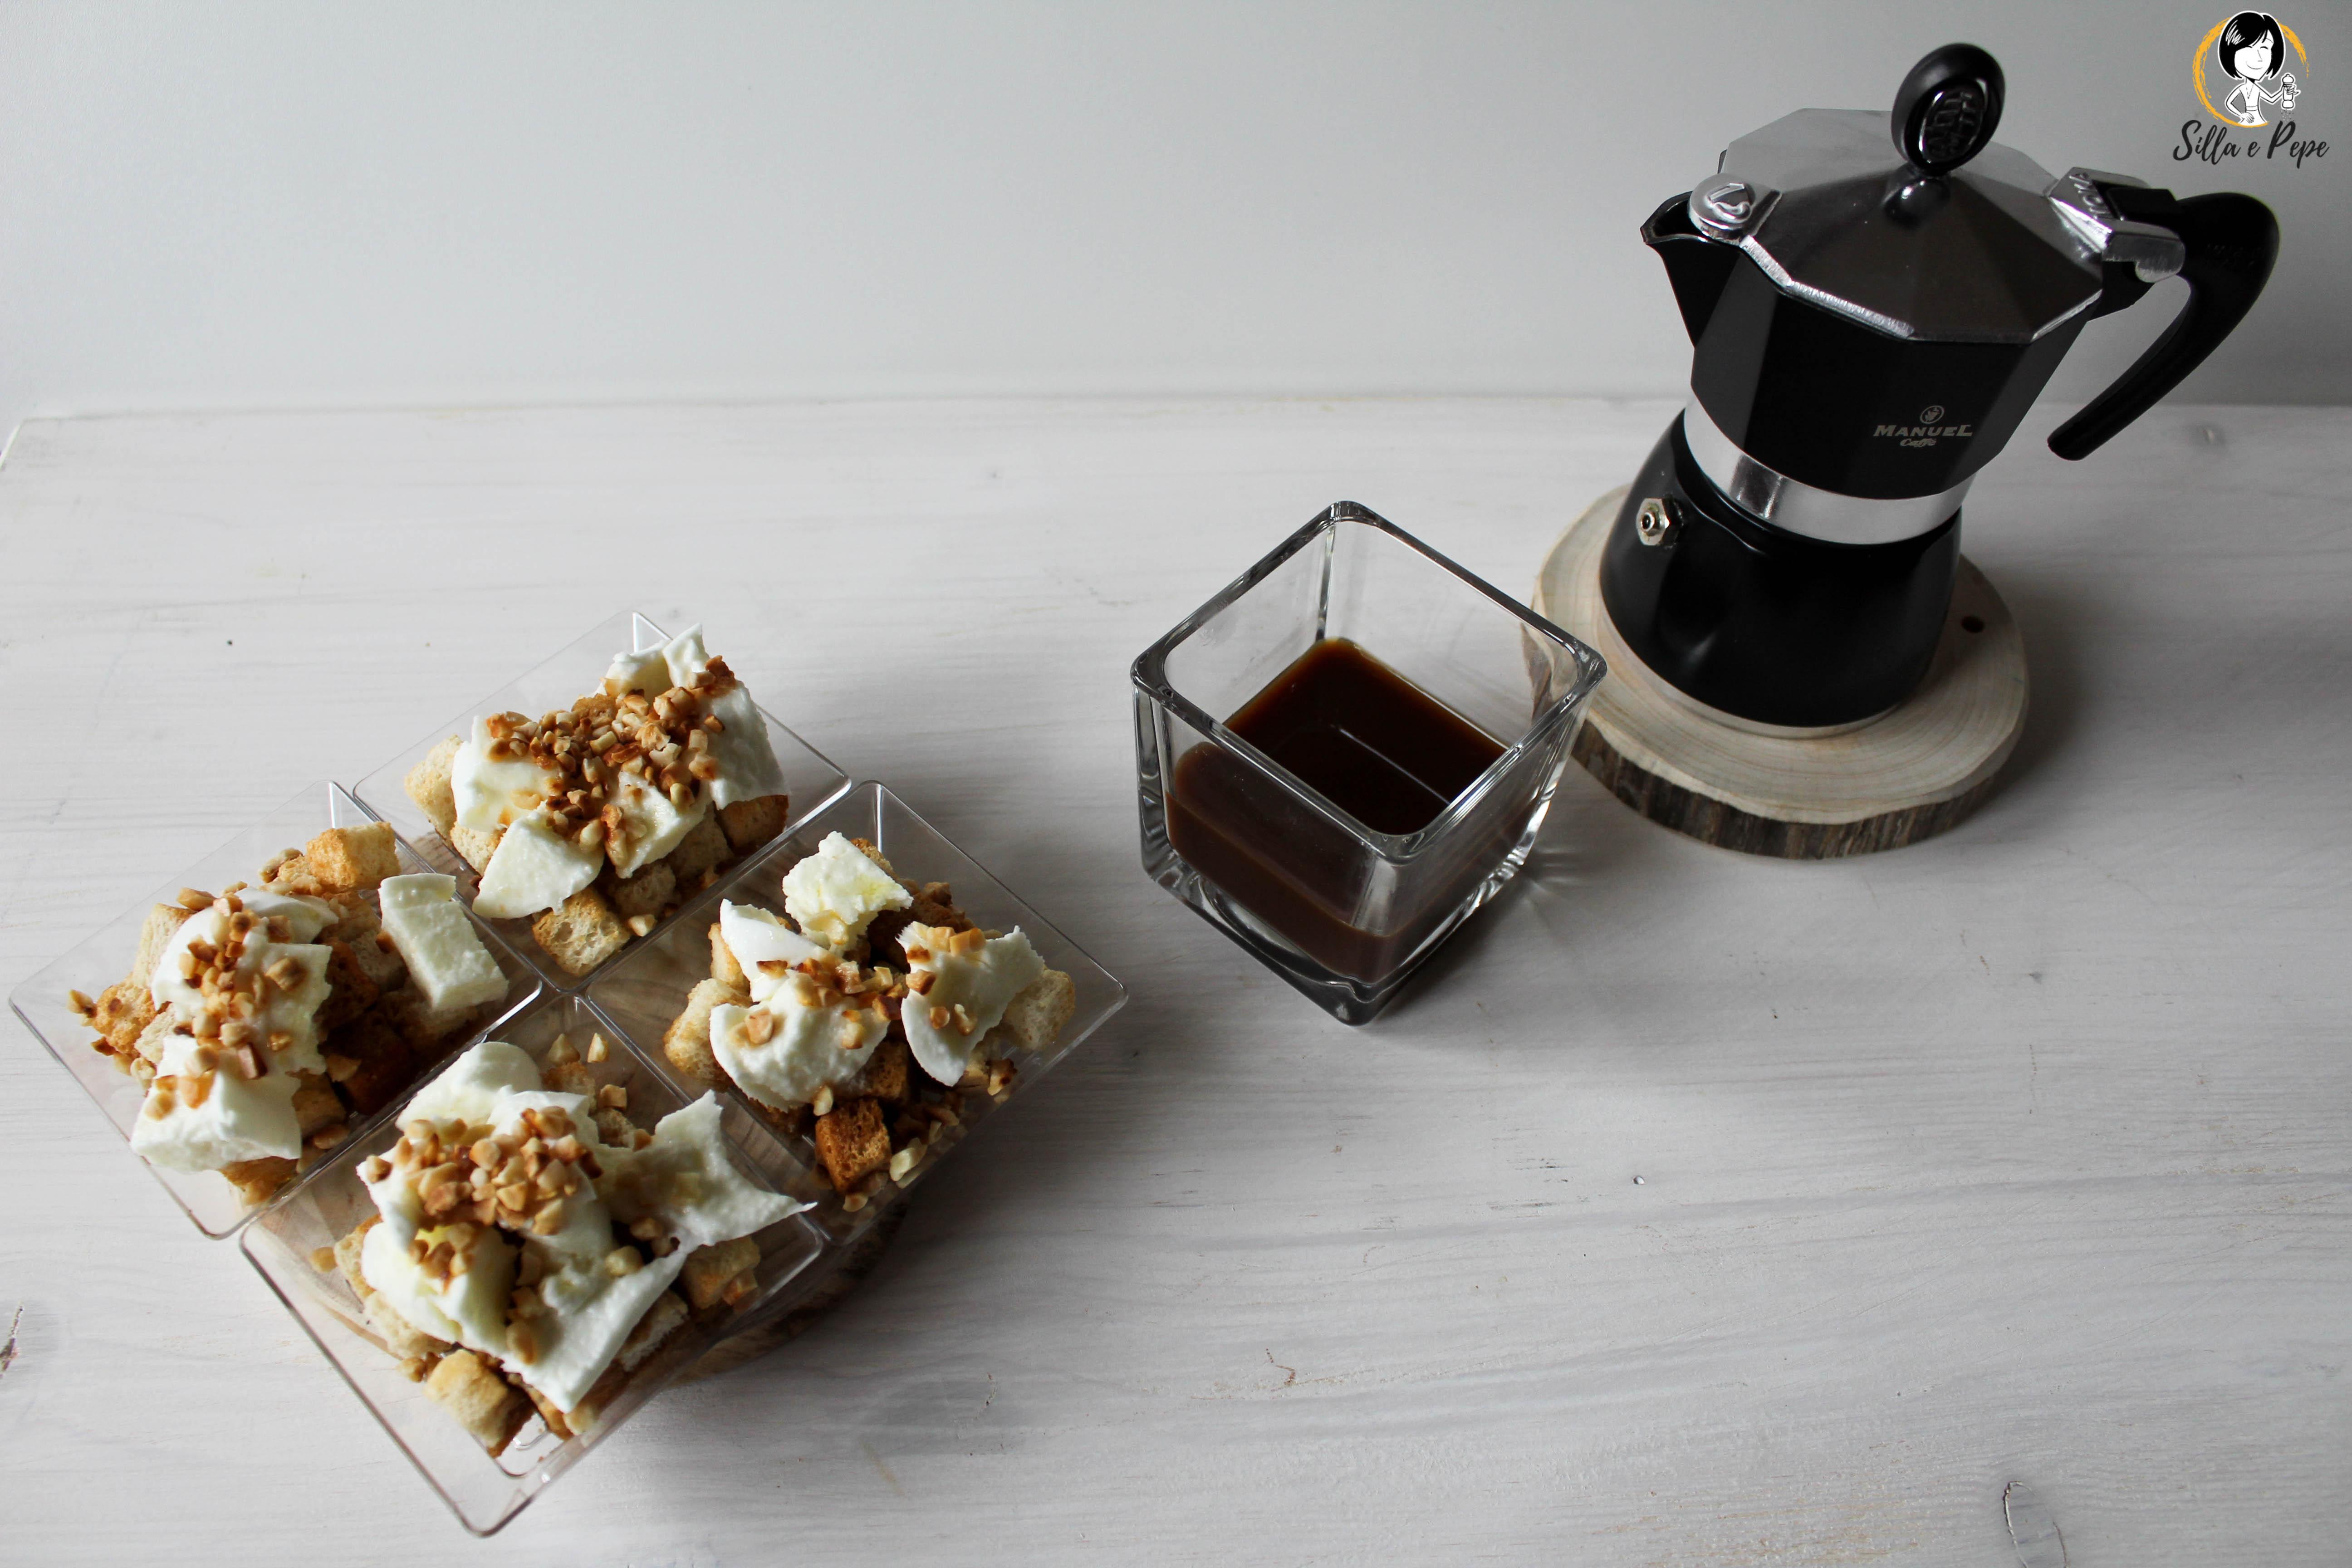 bruschettine al caffè mozzarella di bufala e granella di mandorle per Masterclass Manuel Caffè